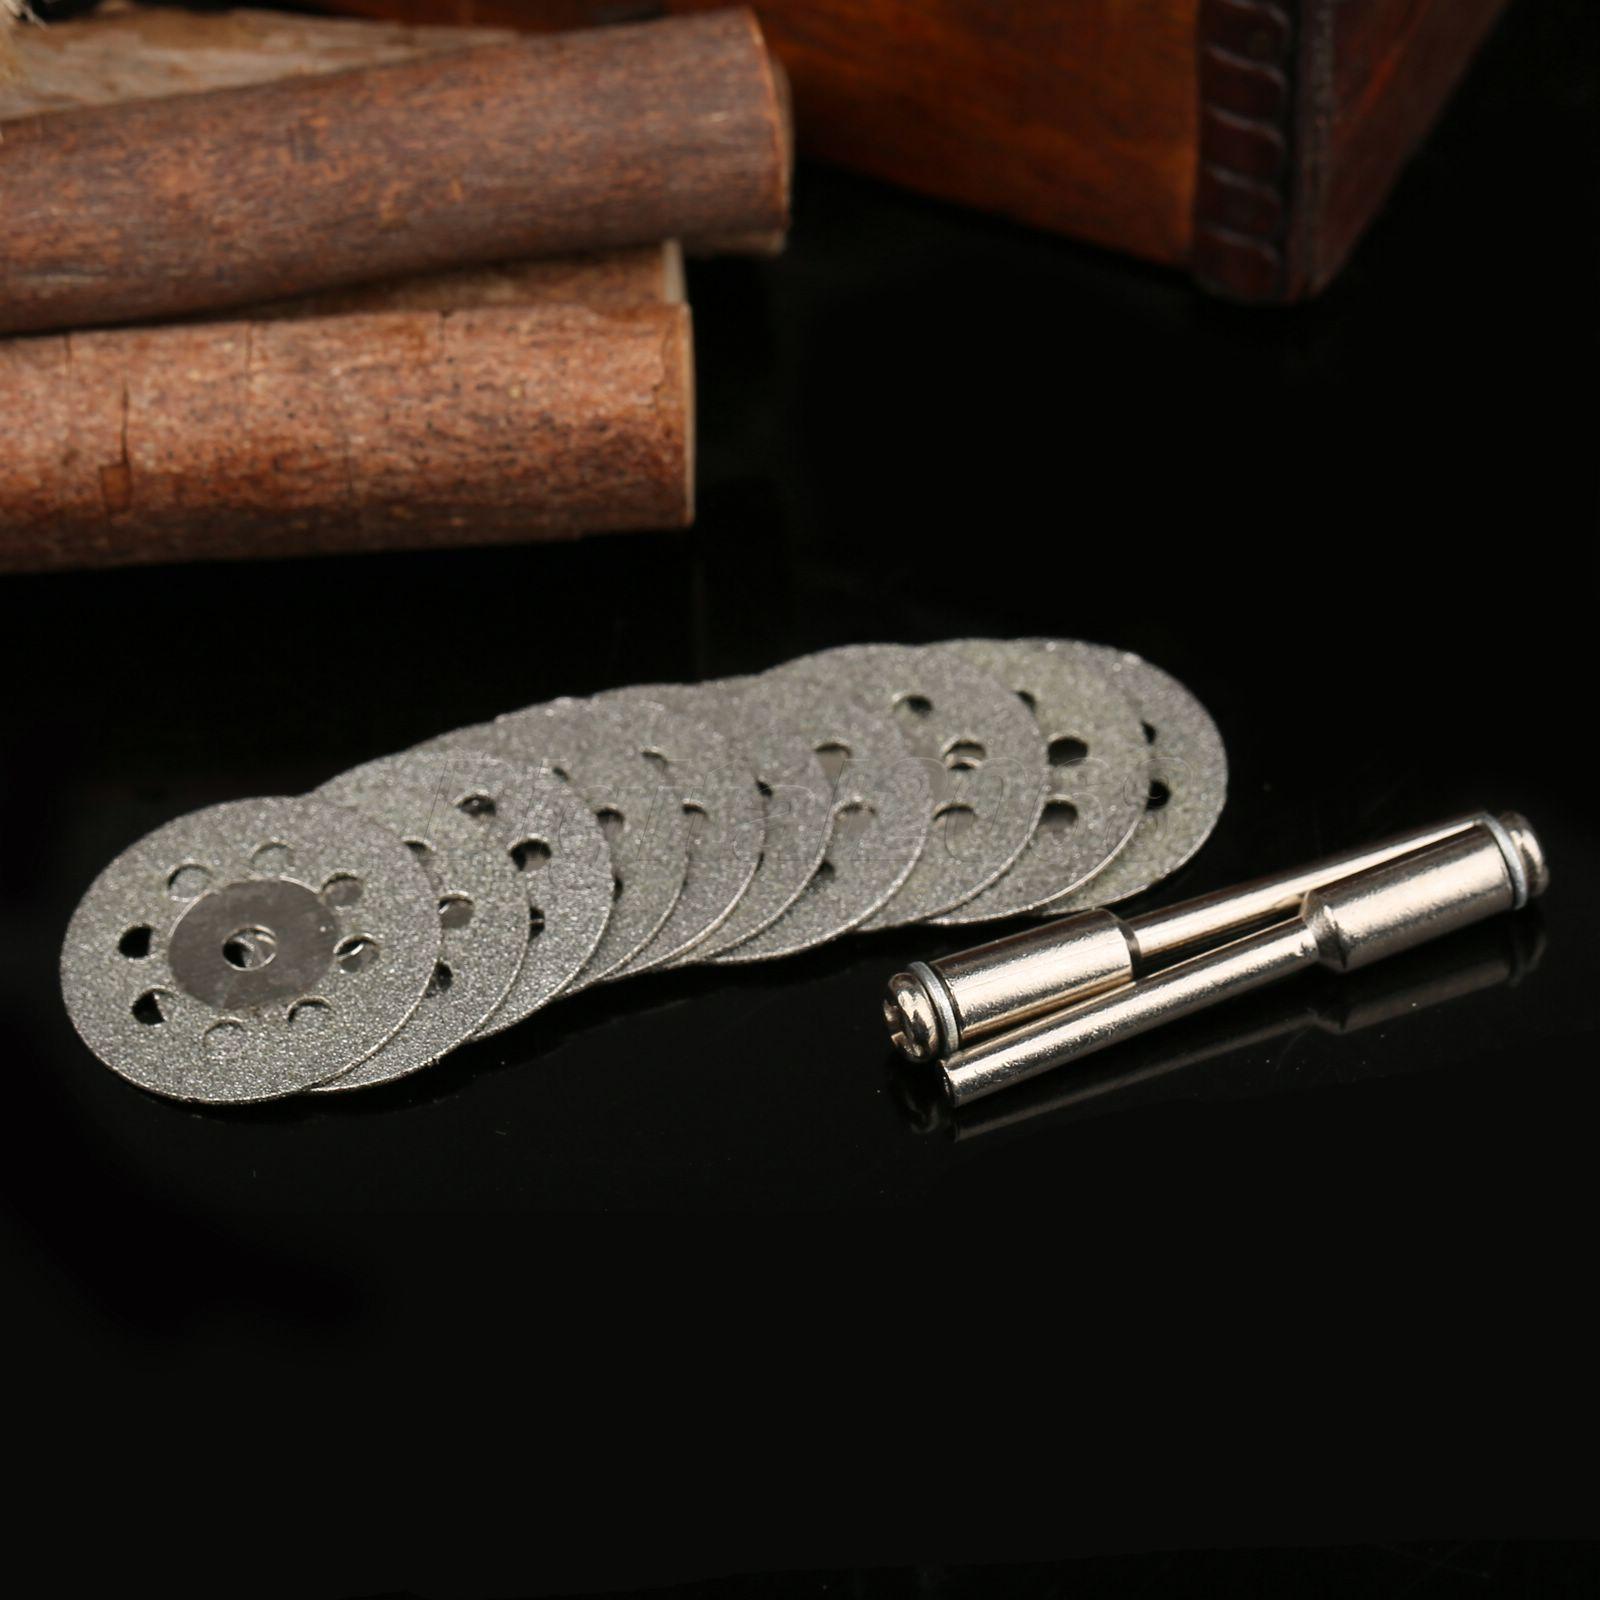 Broušení 10x22mm, kotoučová pila, řezací kotouč Dremel, - Brusné nástroje - Fotografie 2